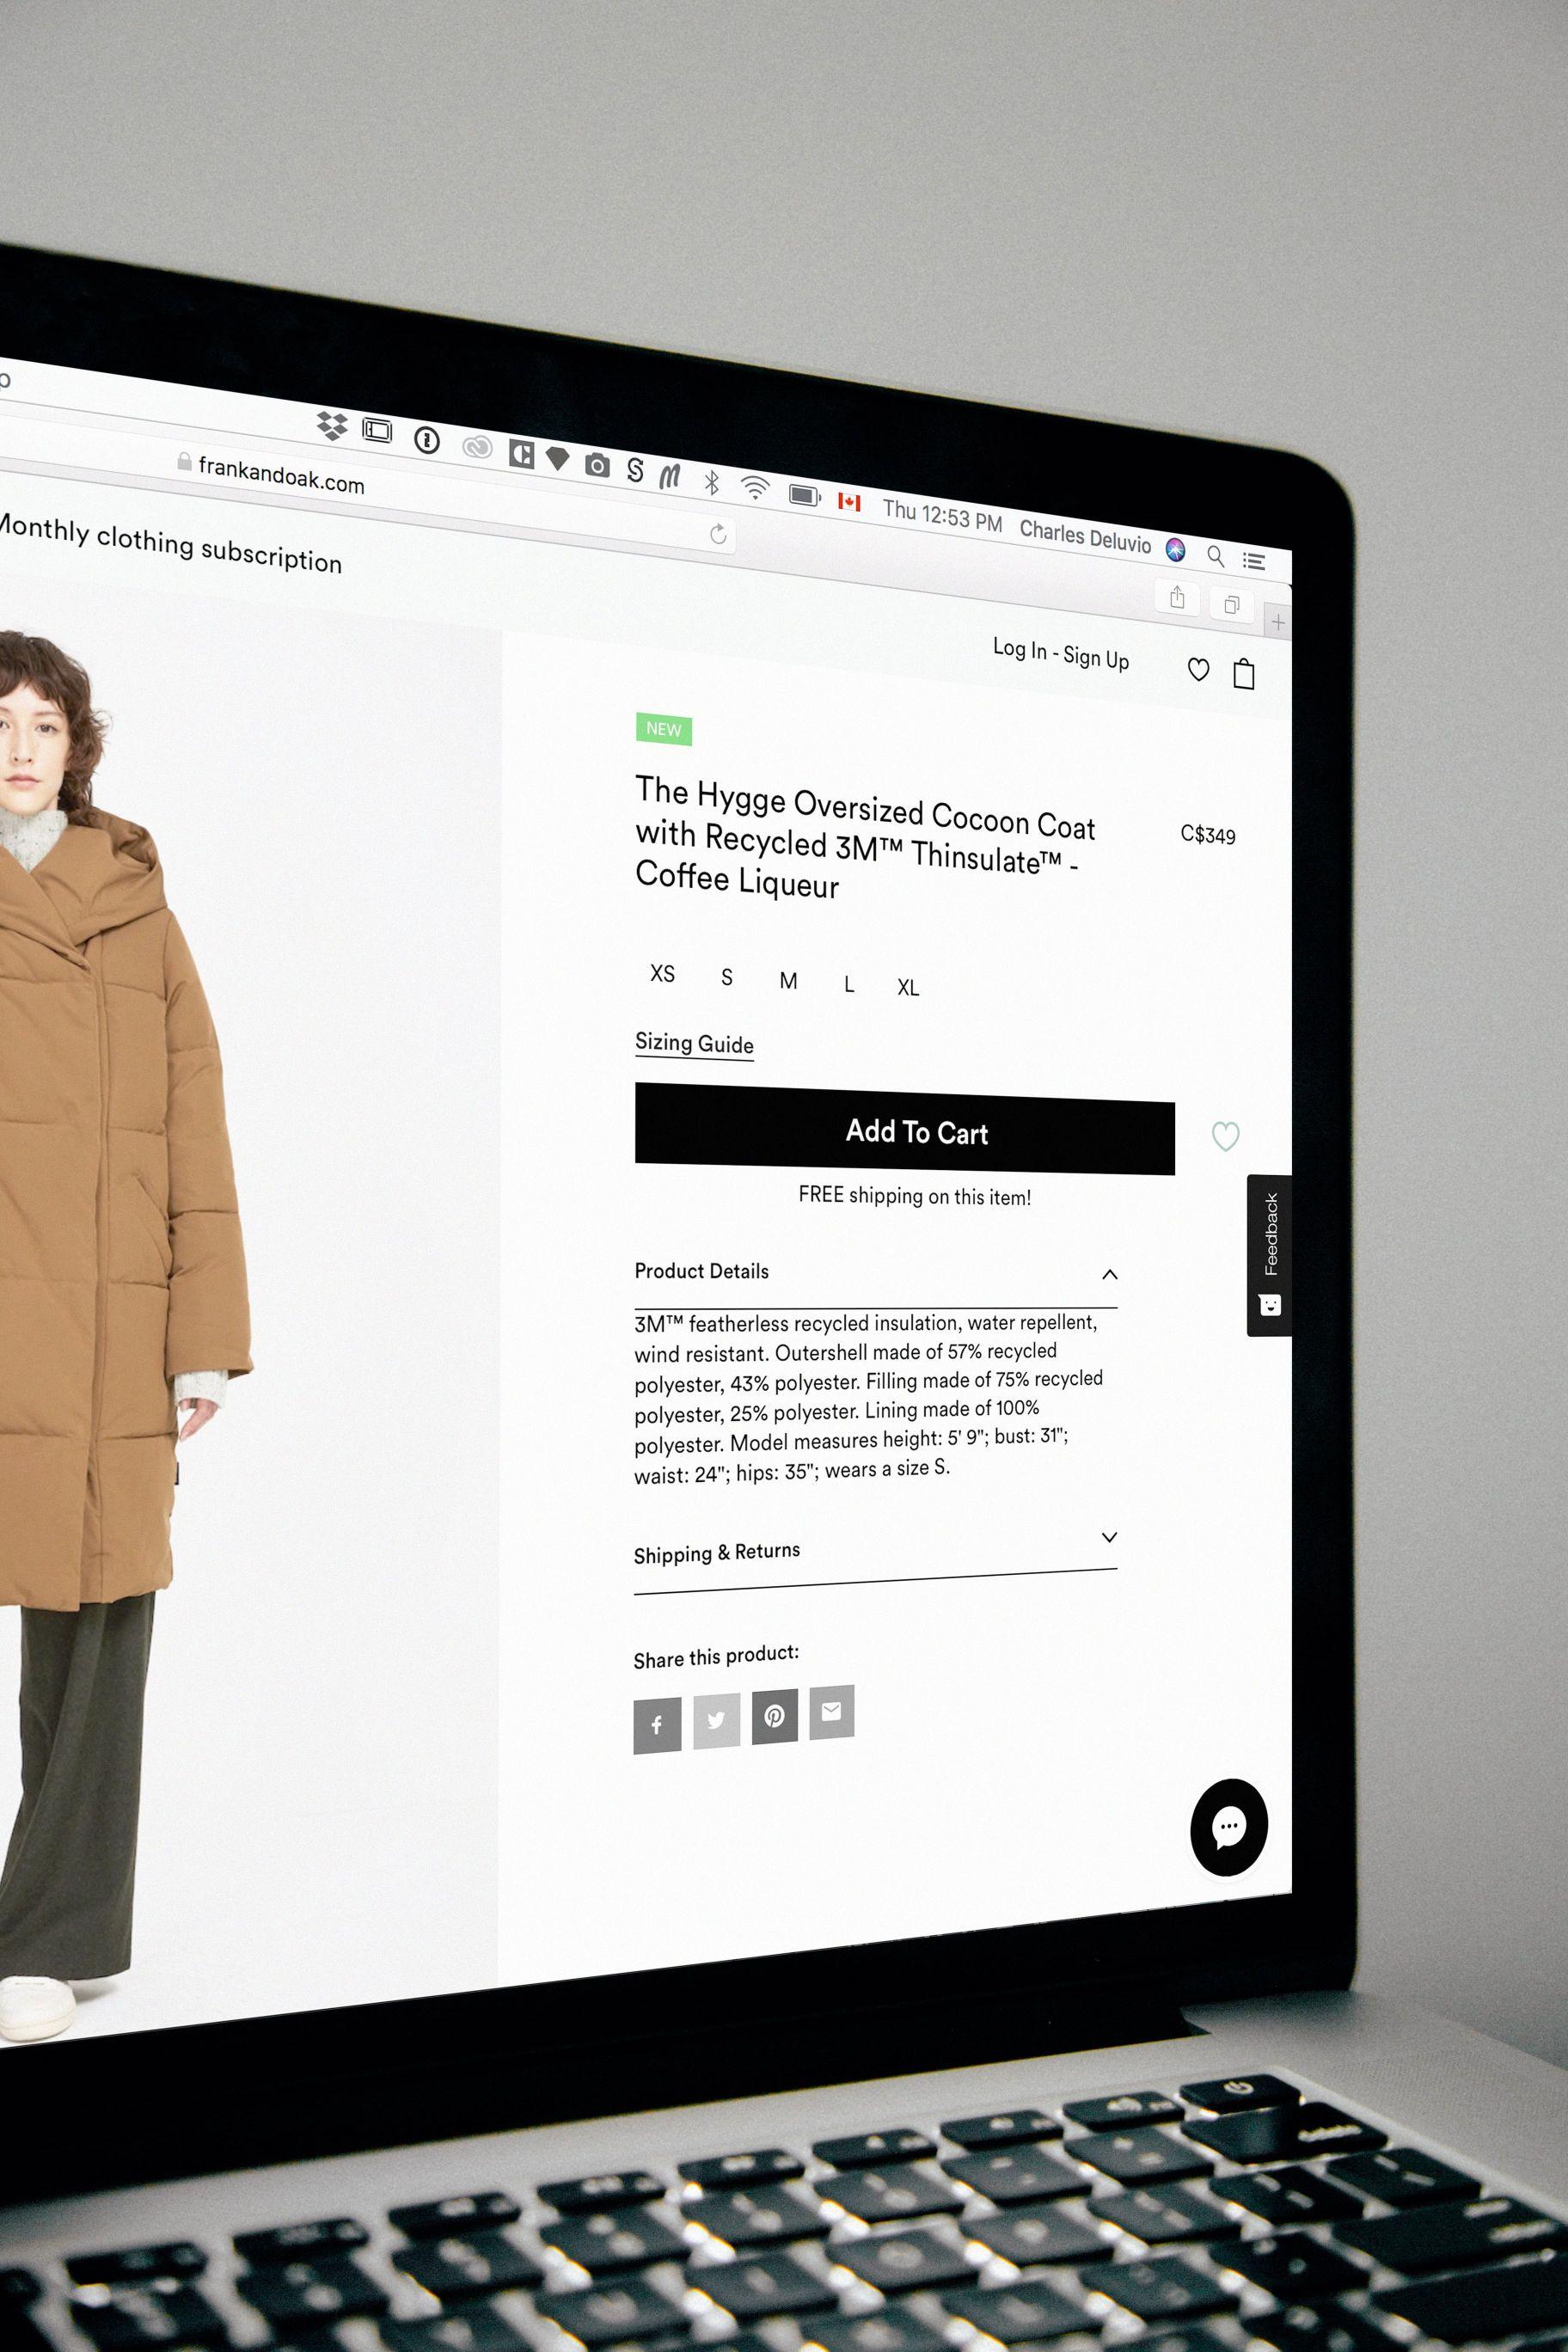 regulamin sklepu internetowego odzieżowego